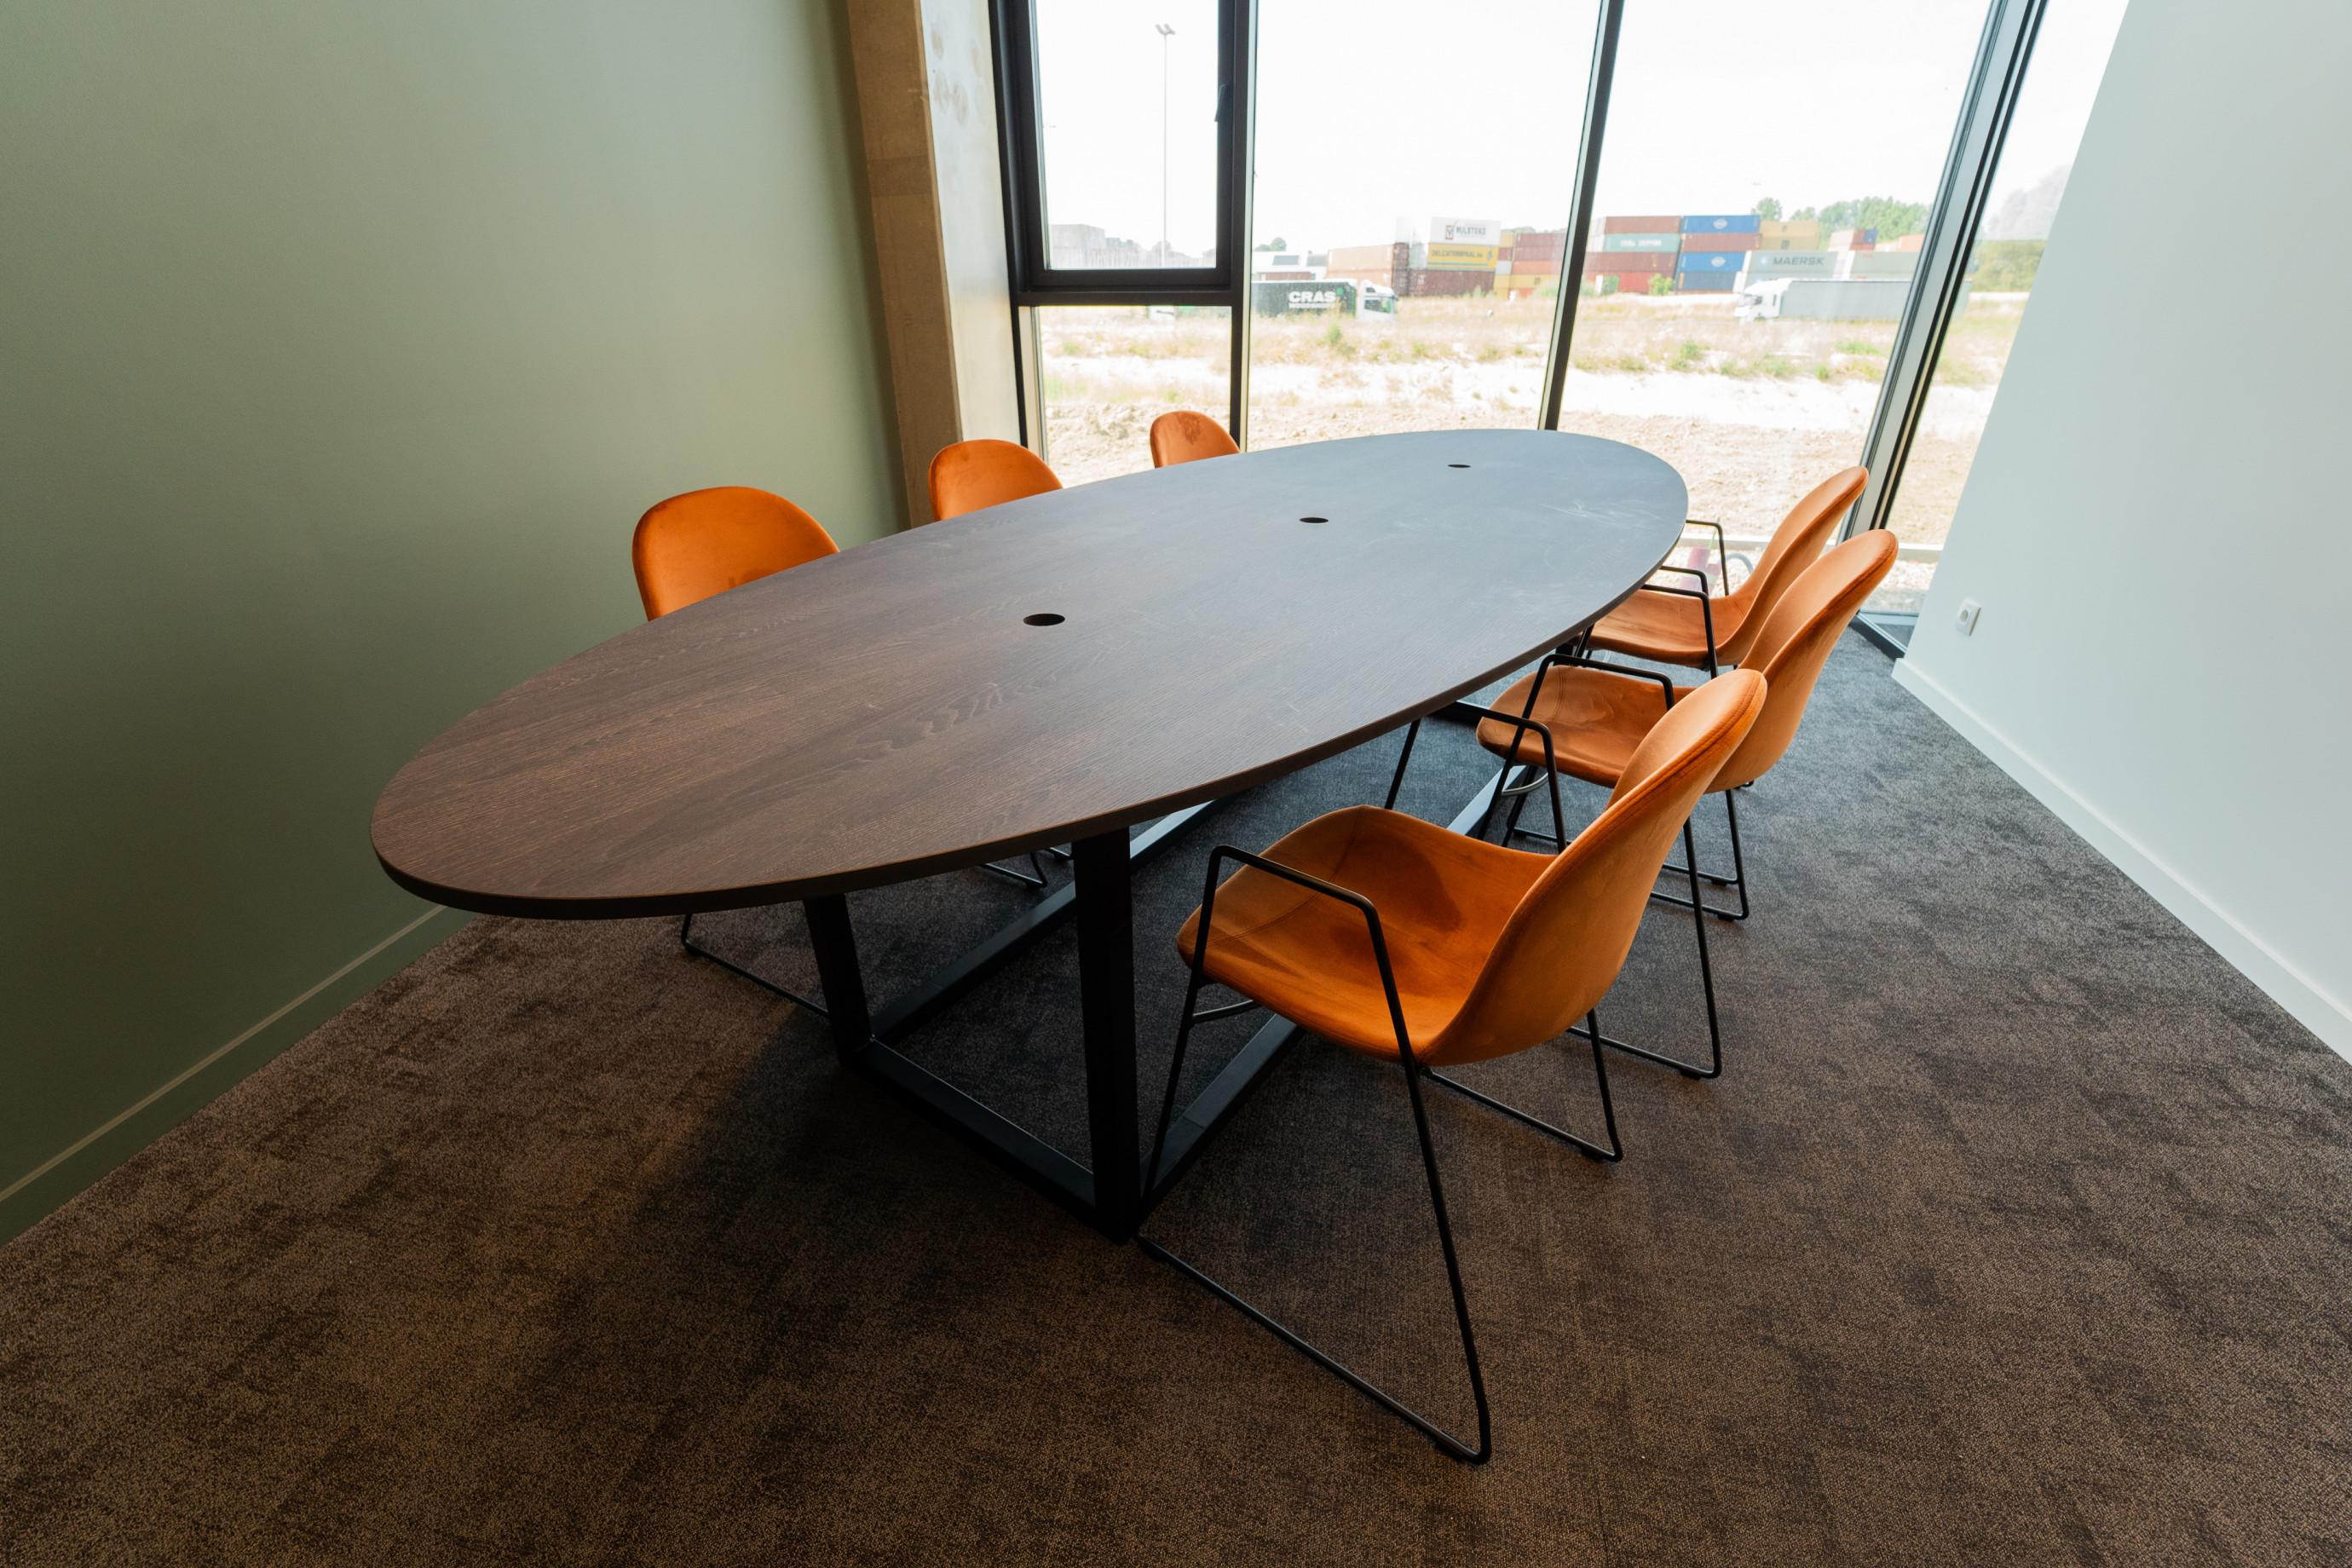 vergaderingstafel